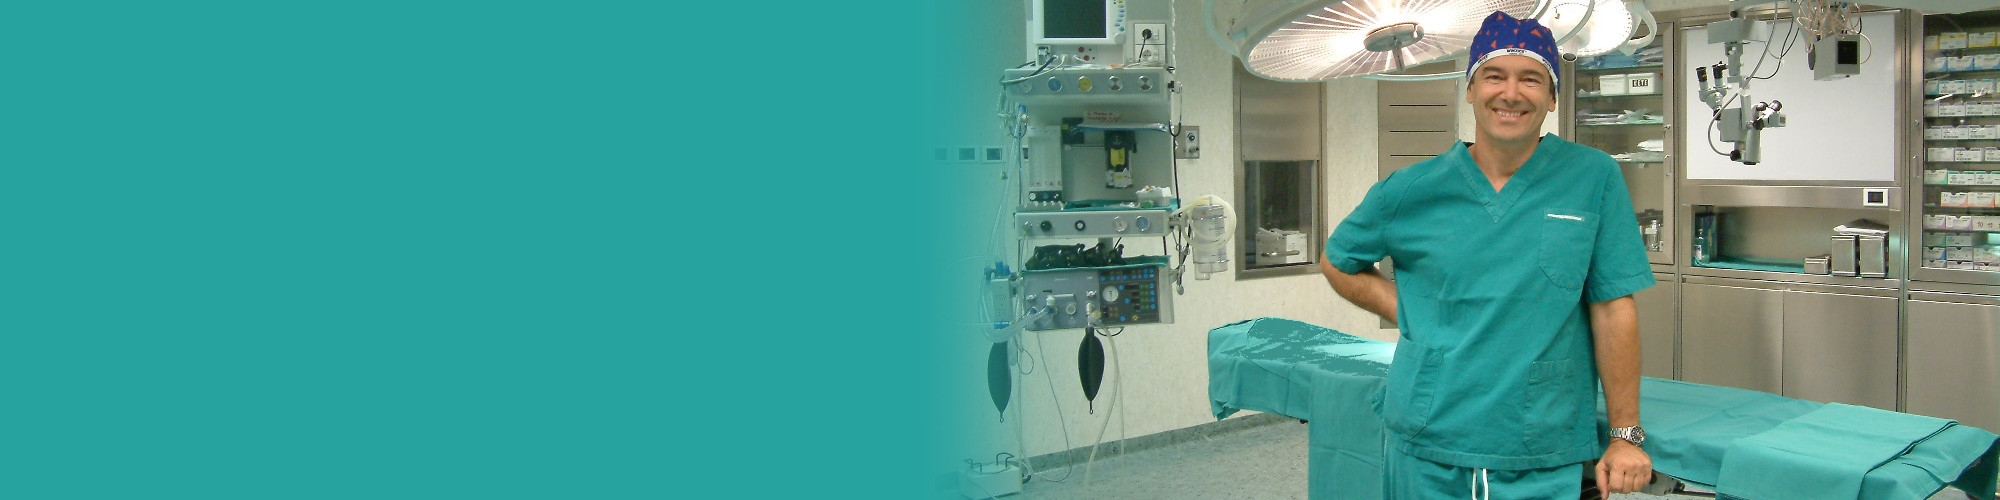 Chirurgia Estetica e Plastica